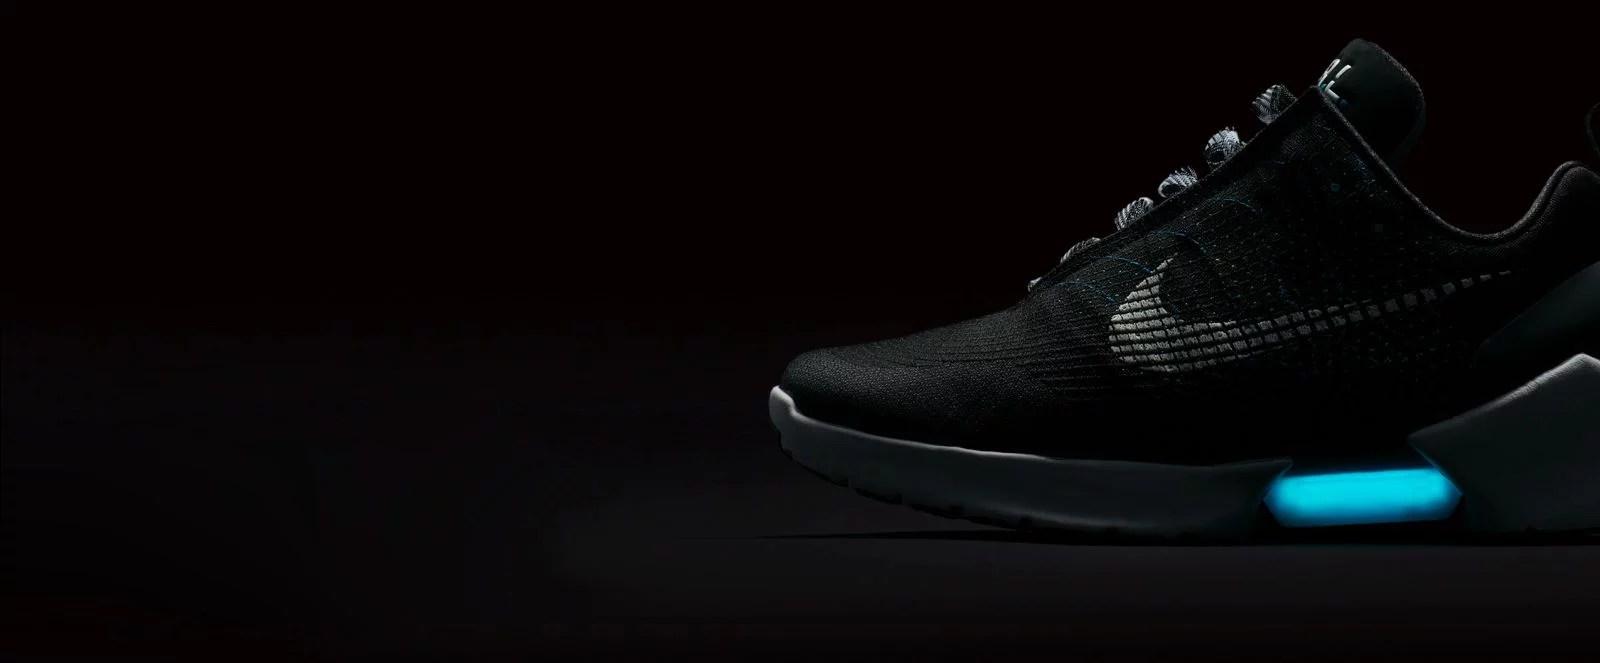 """Nike solicita la frase """"Cryptokicks"""" para registrarlo como marca en una exploración al criptomercado"""